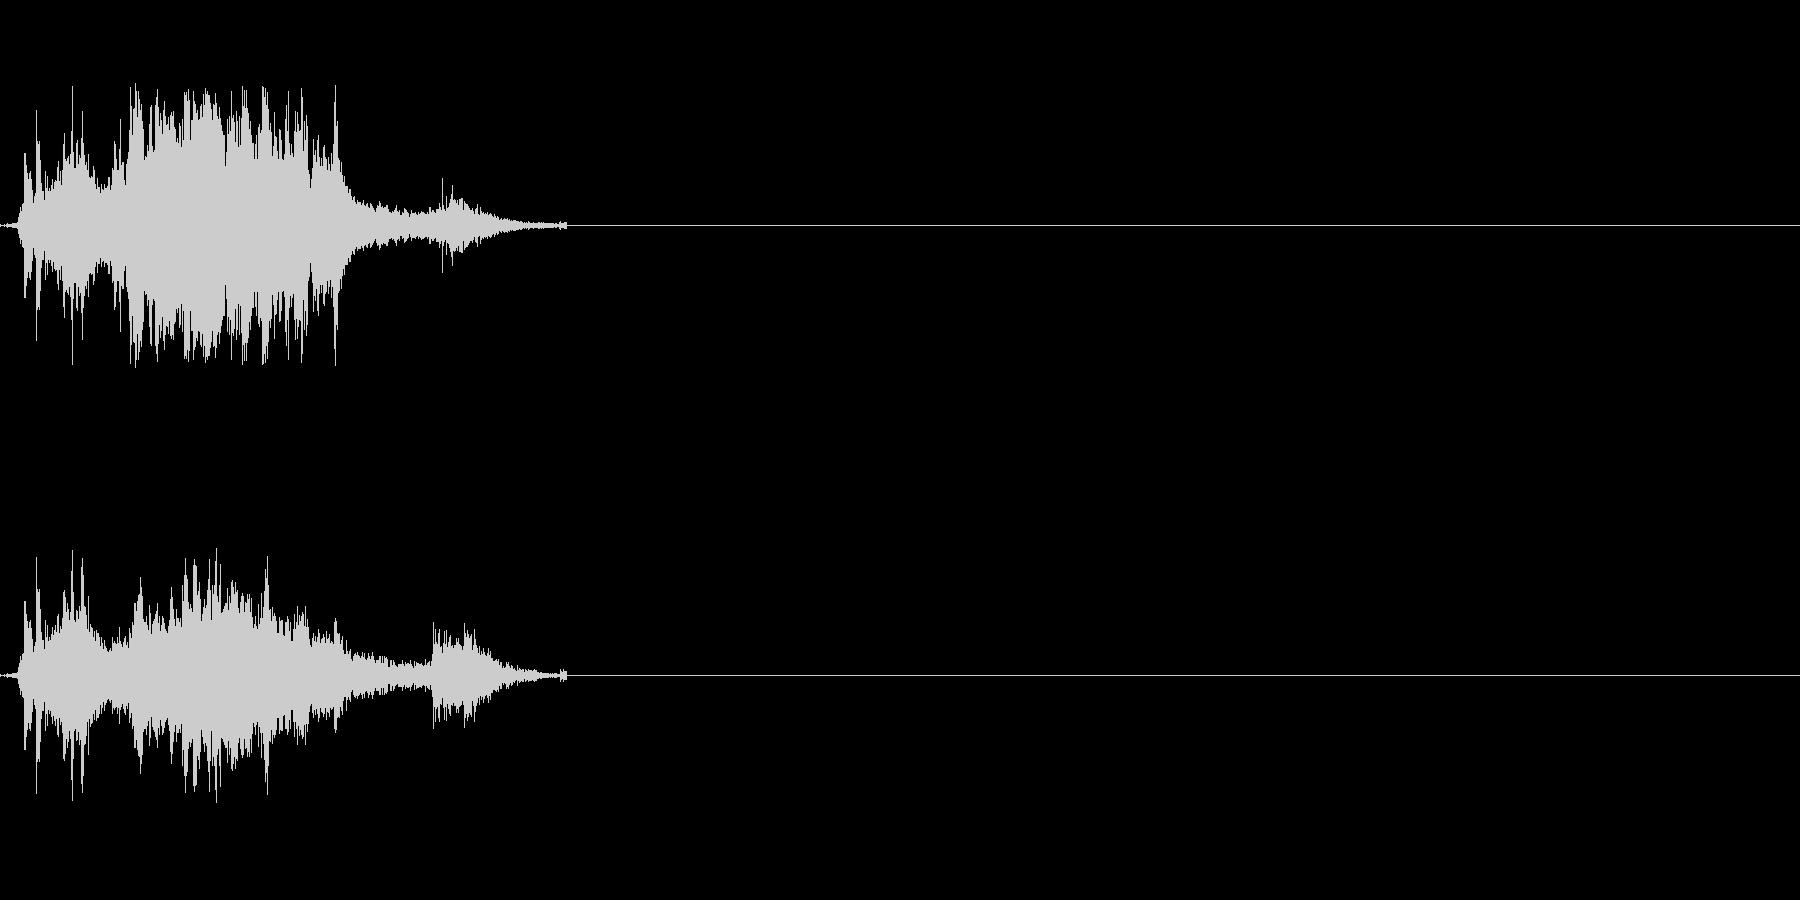 刀が擦れる音の未再生の波形